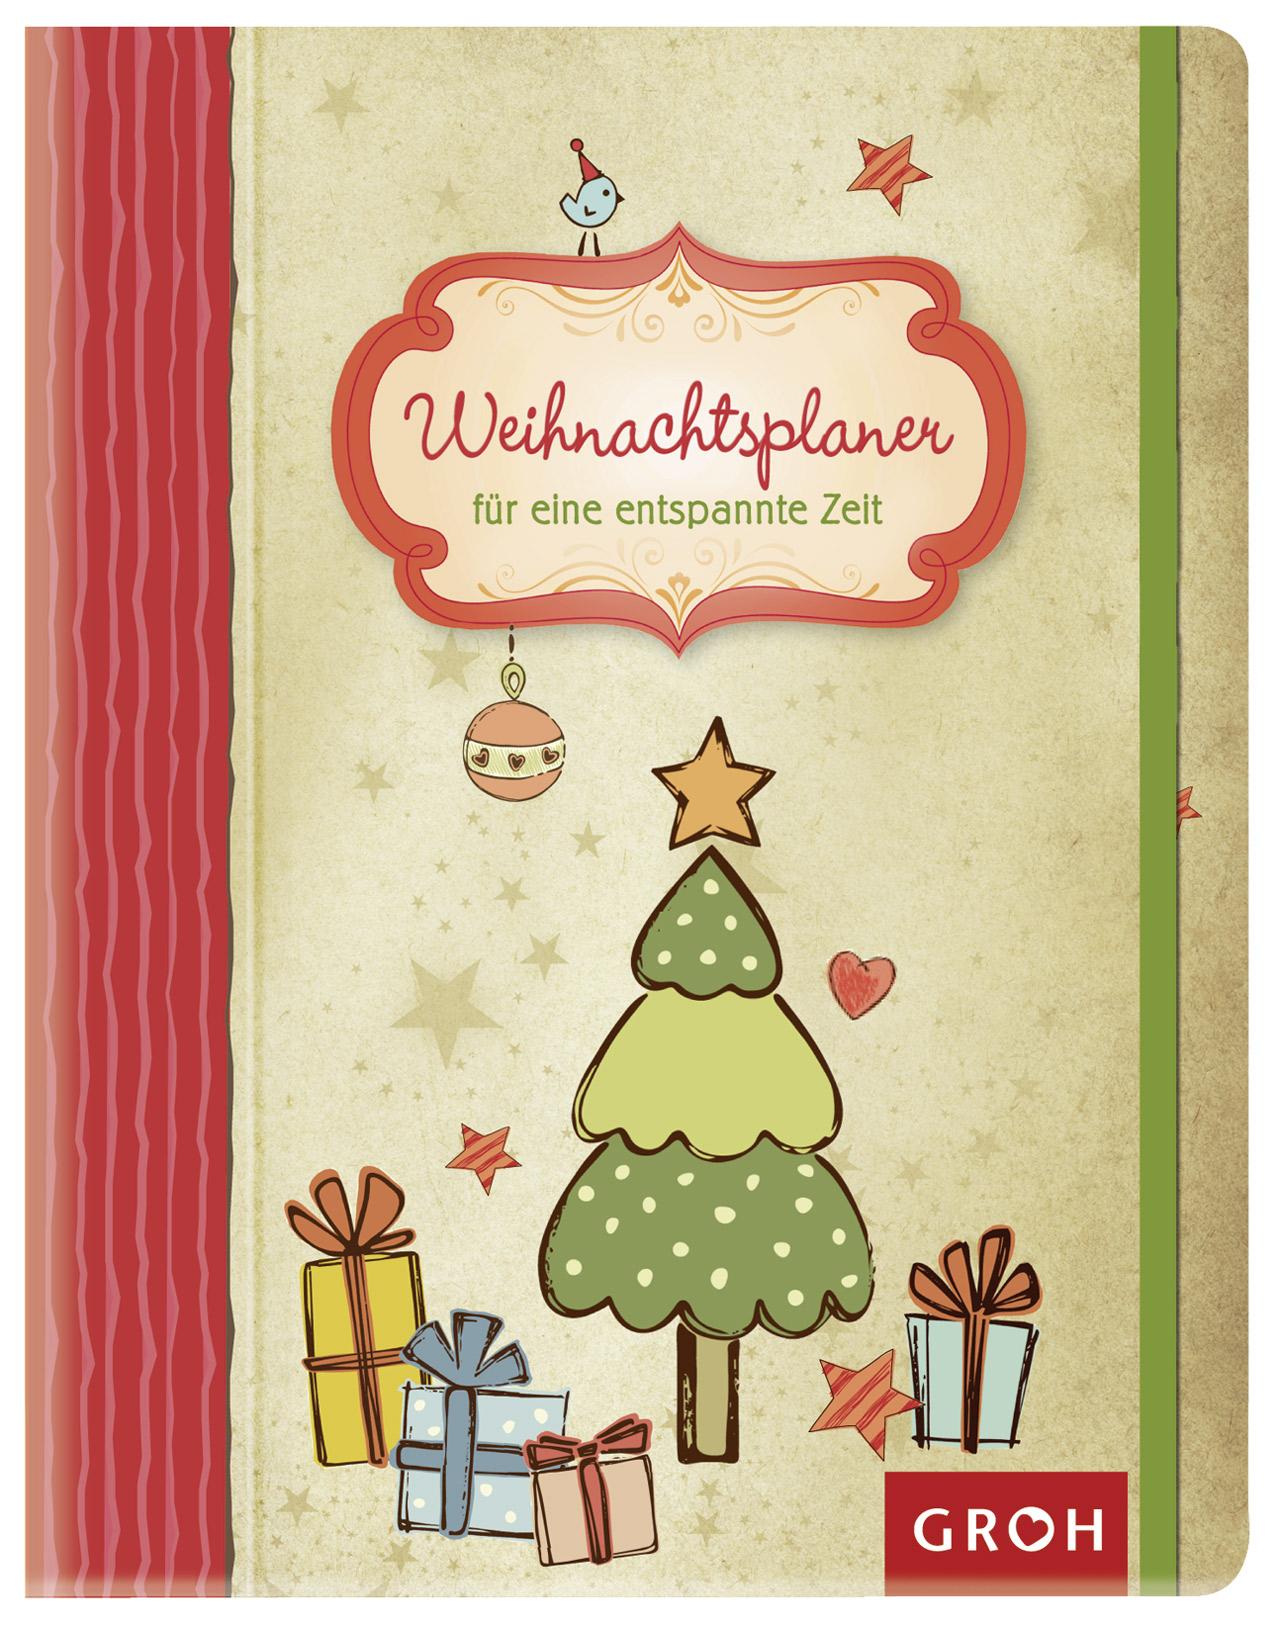 Weihnachtsplaner für eine entspannte Zeit Joachim Groh